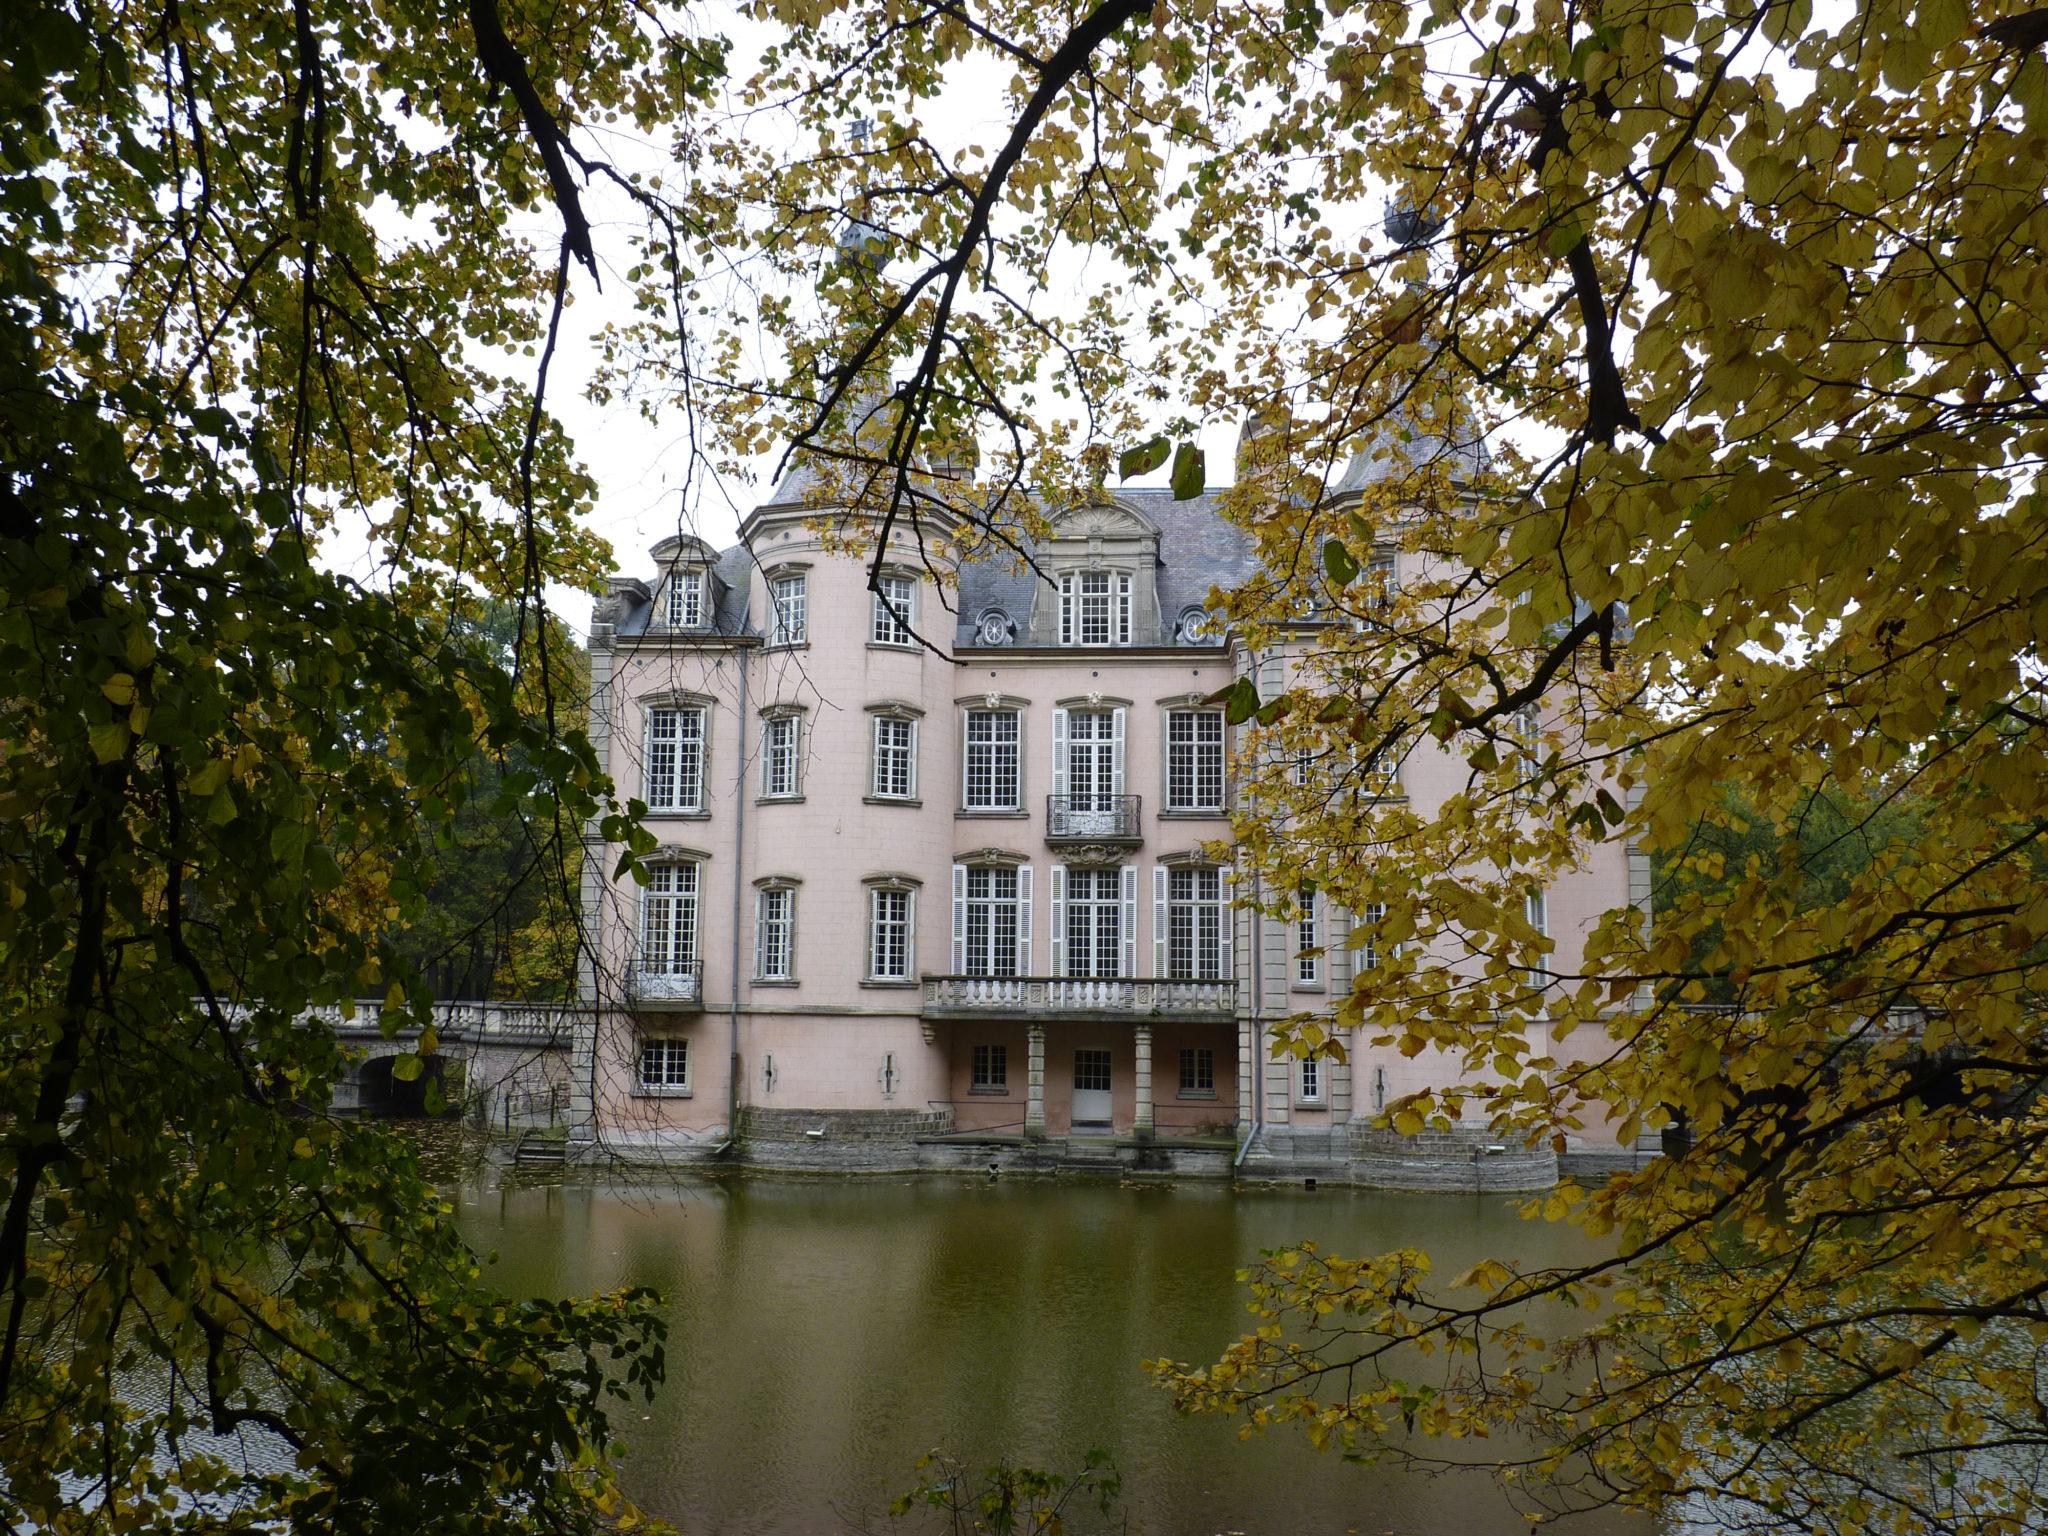 Leve de boslucht in het kasteelpark van Poeke.